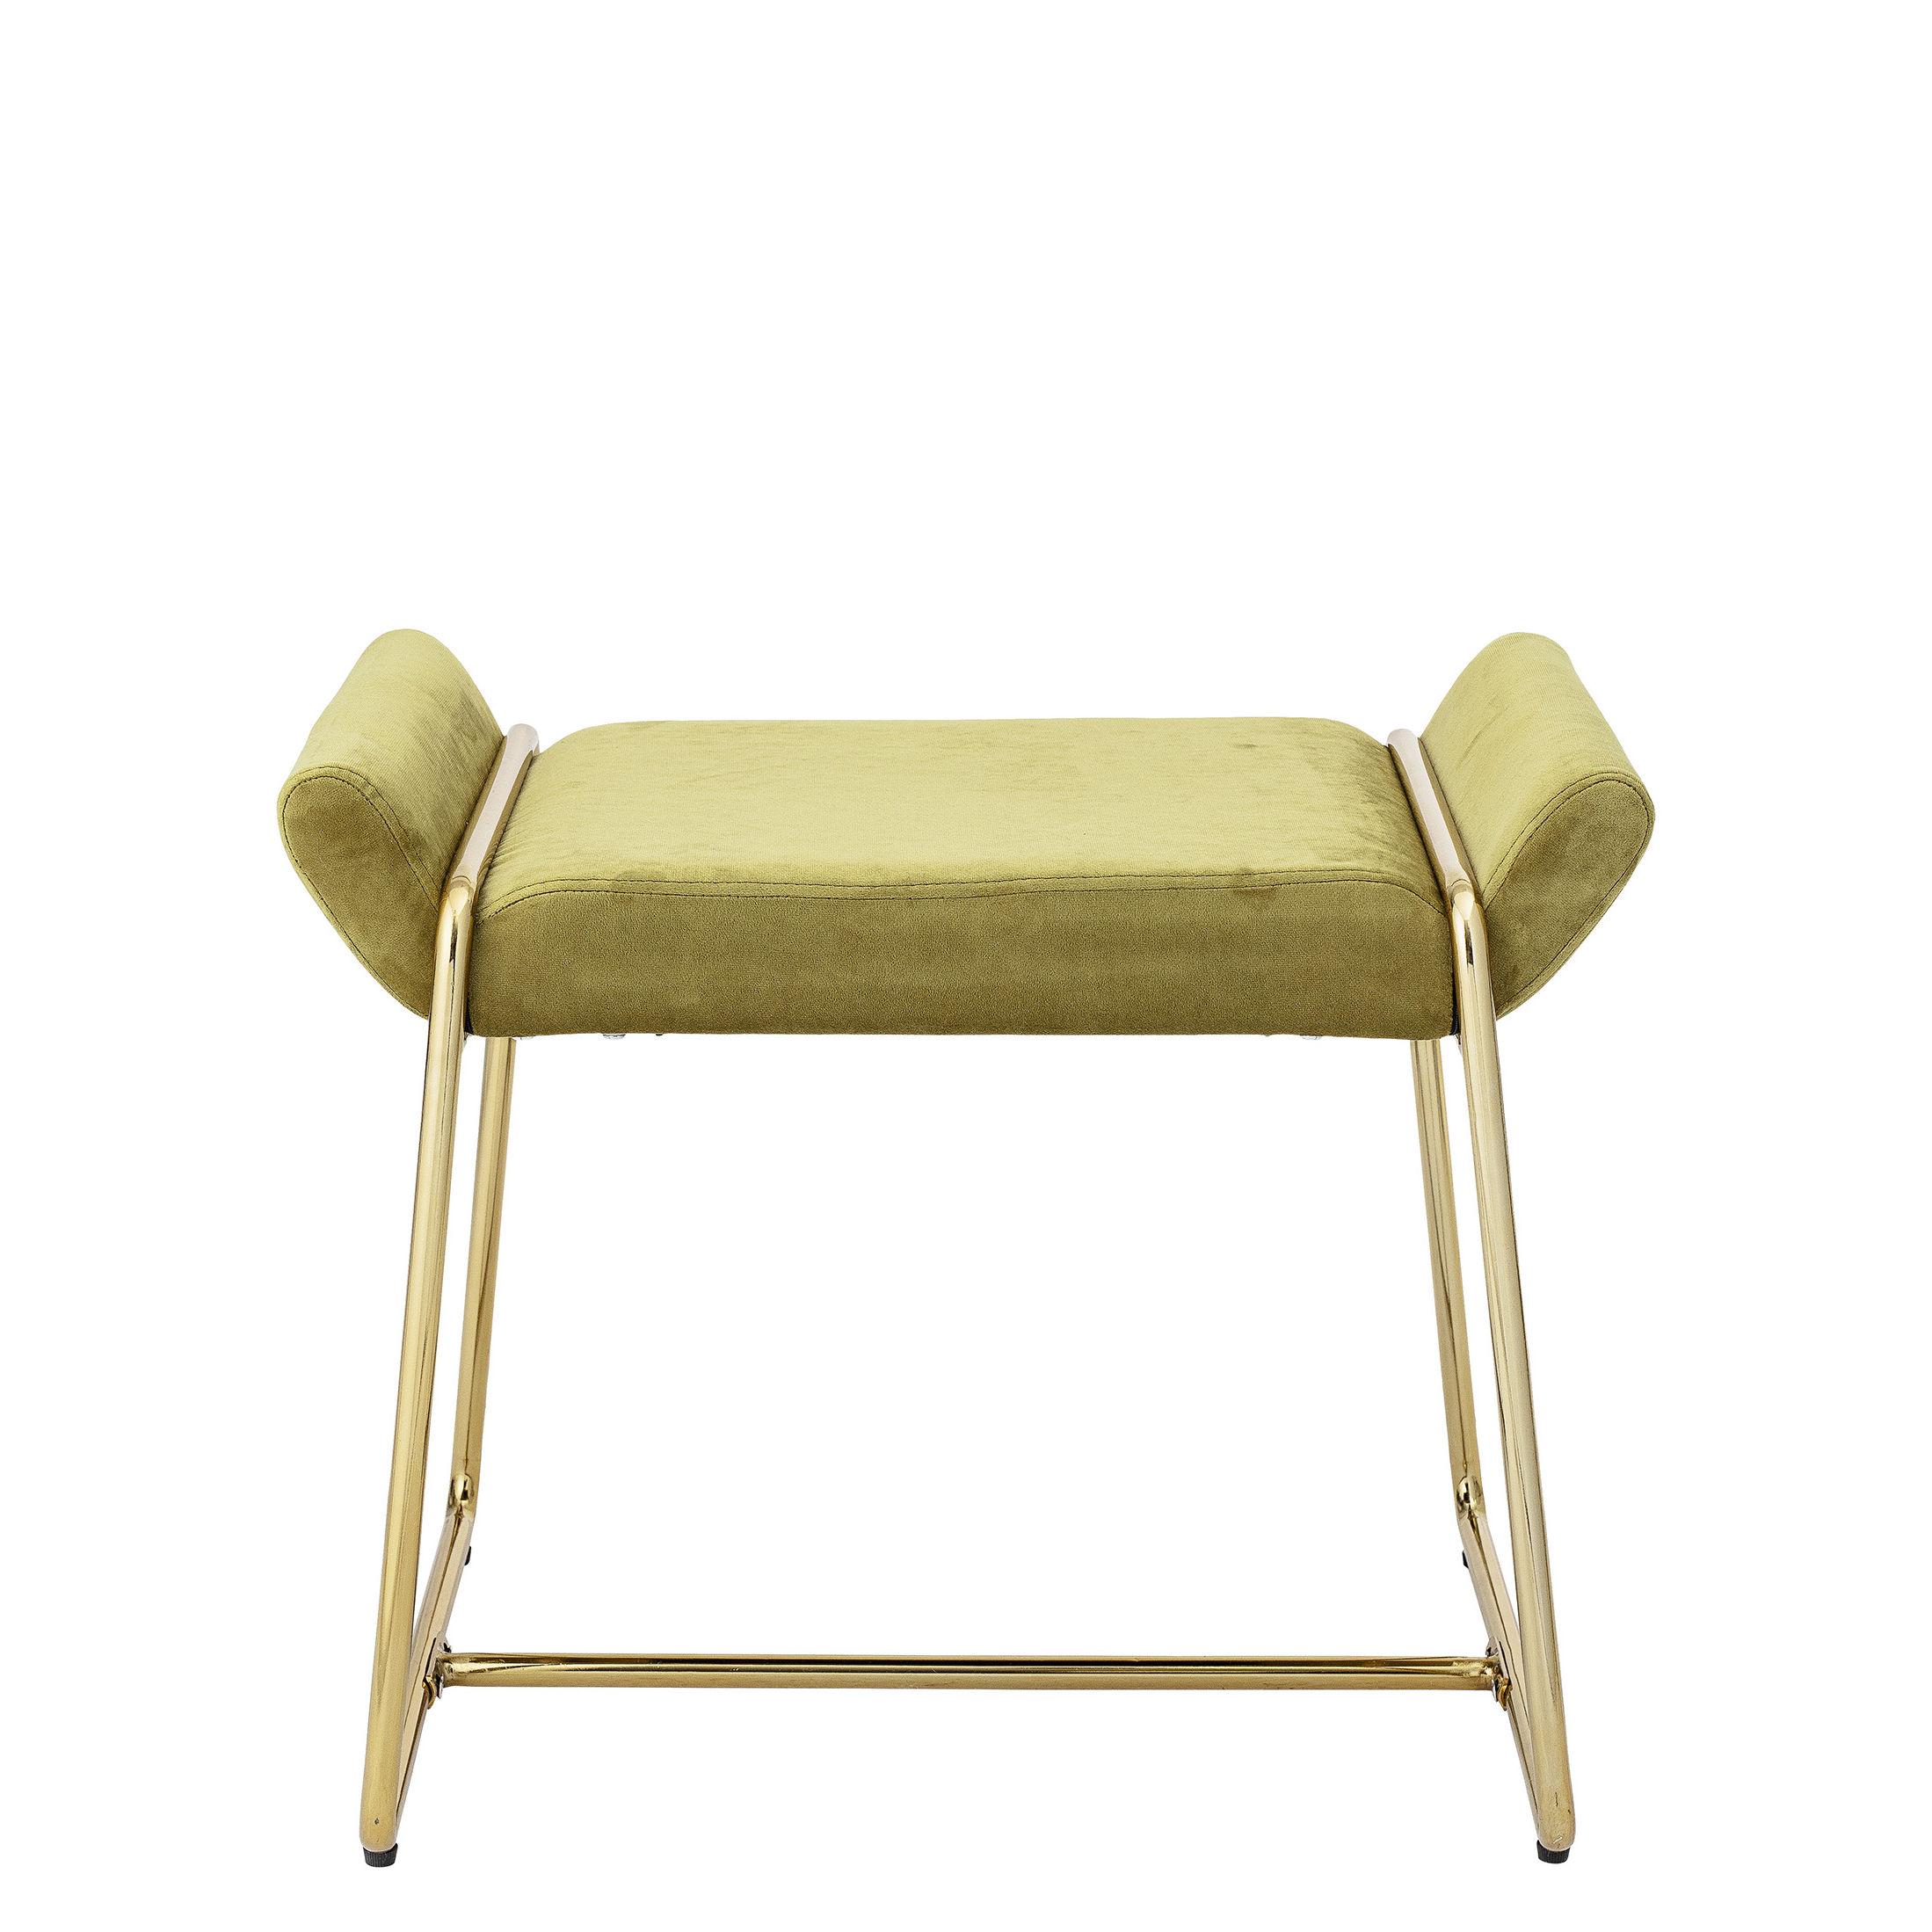 Möbel - Hocker - Megan Sitzkissen / Sitzkissen gepolstert - Samt - Bloomingville - Gelb-grün / Gold - Eisen, Schaumstoff, Velours